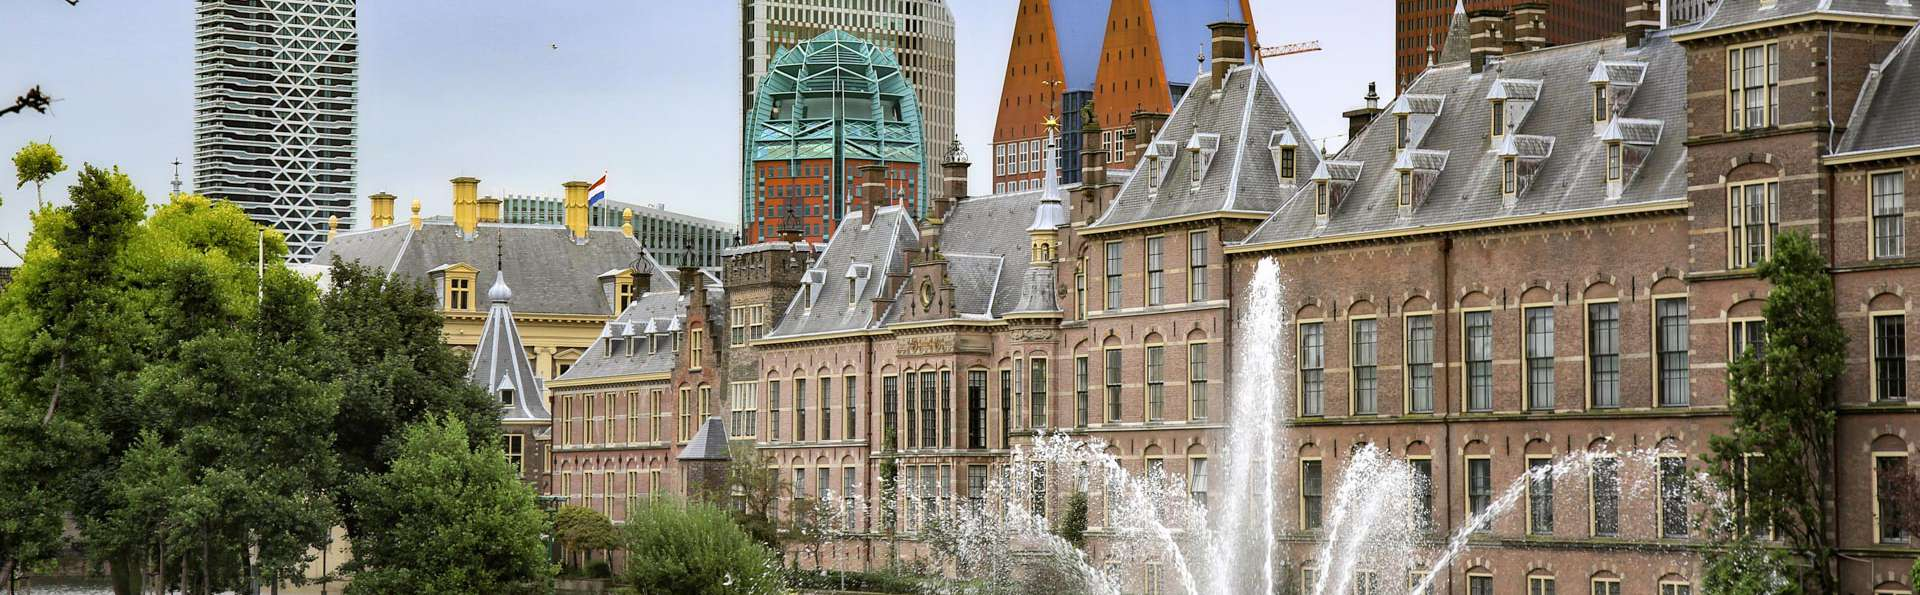 Découvrez La Haye le temps d'une escapade 4* en centre-ville